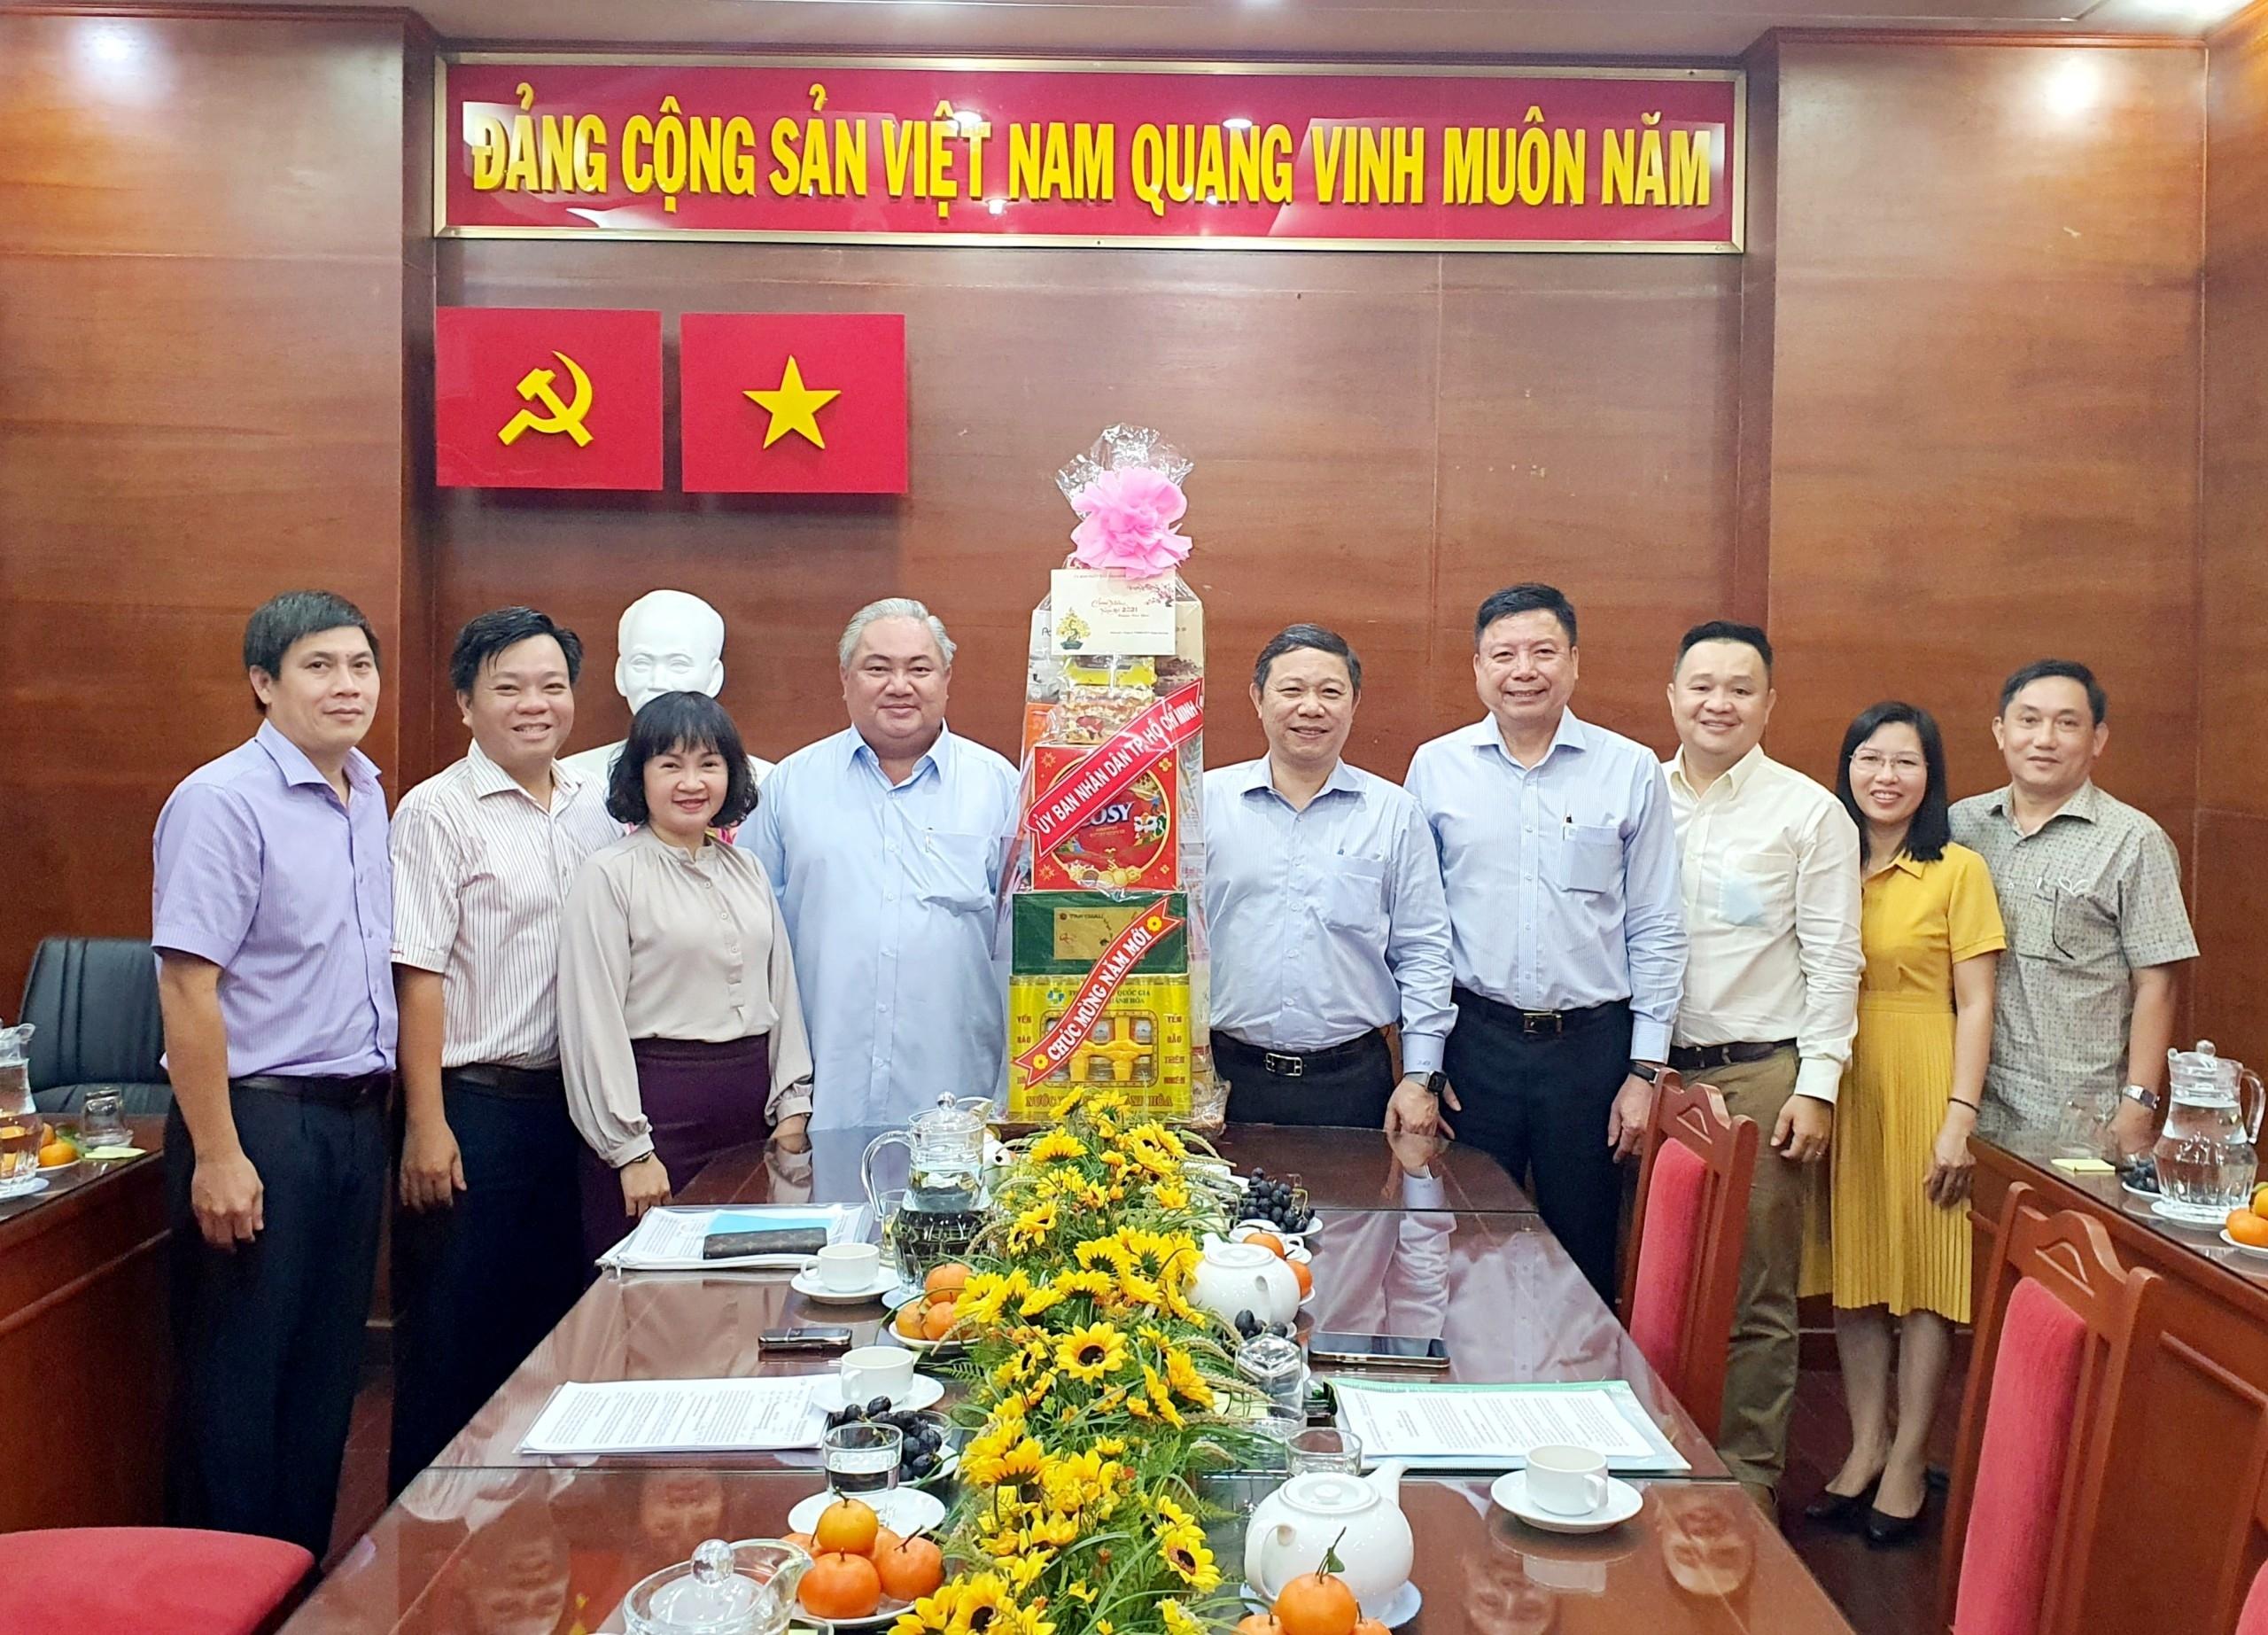 Phó Chủ tịch UBND TP.Hồ Chí Minh Dương Anh Đức thăm và chúc Tết Công ty TNHH MTV Dược Sài Gòn